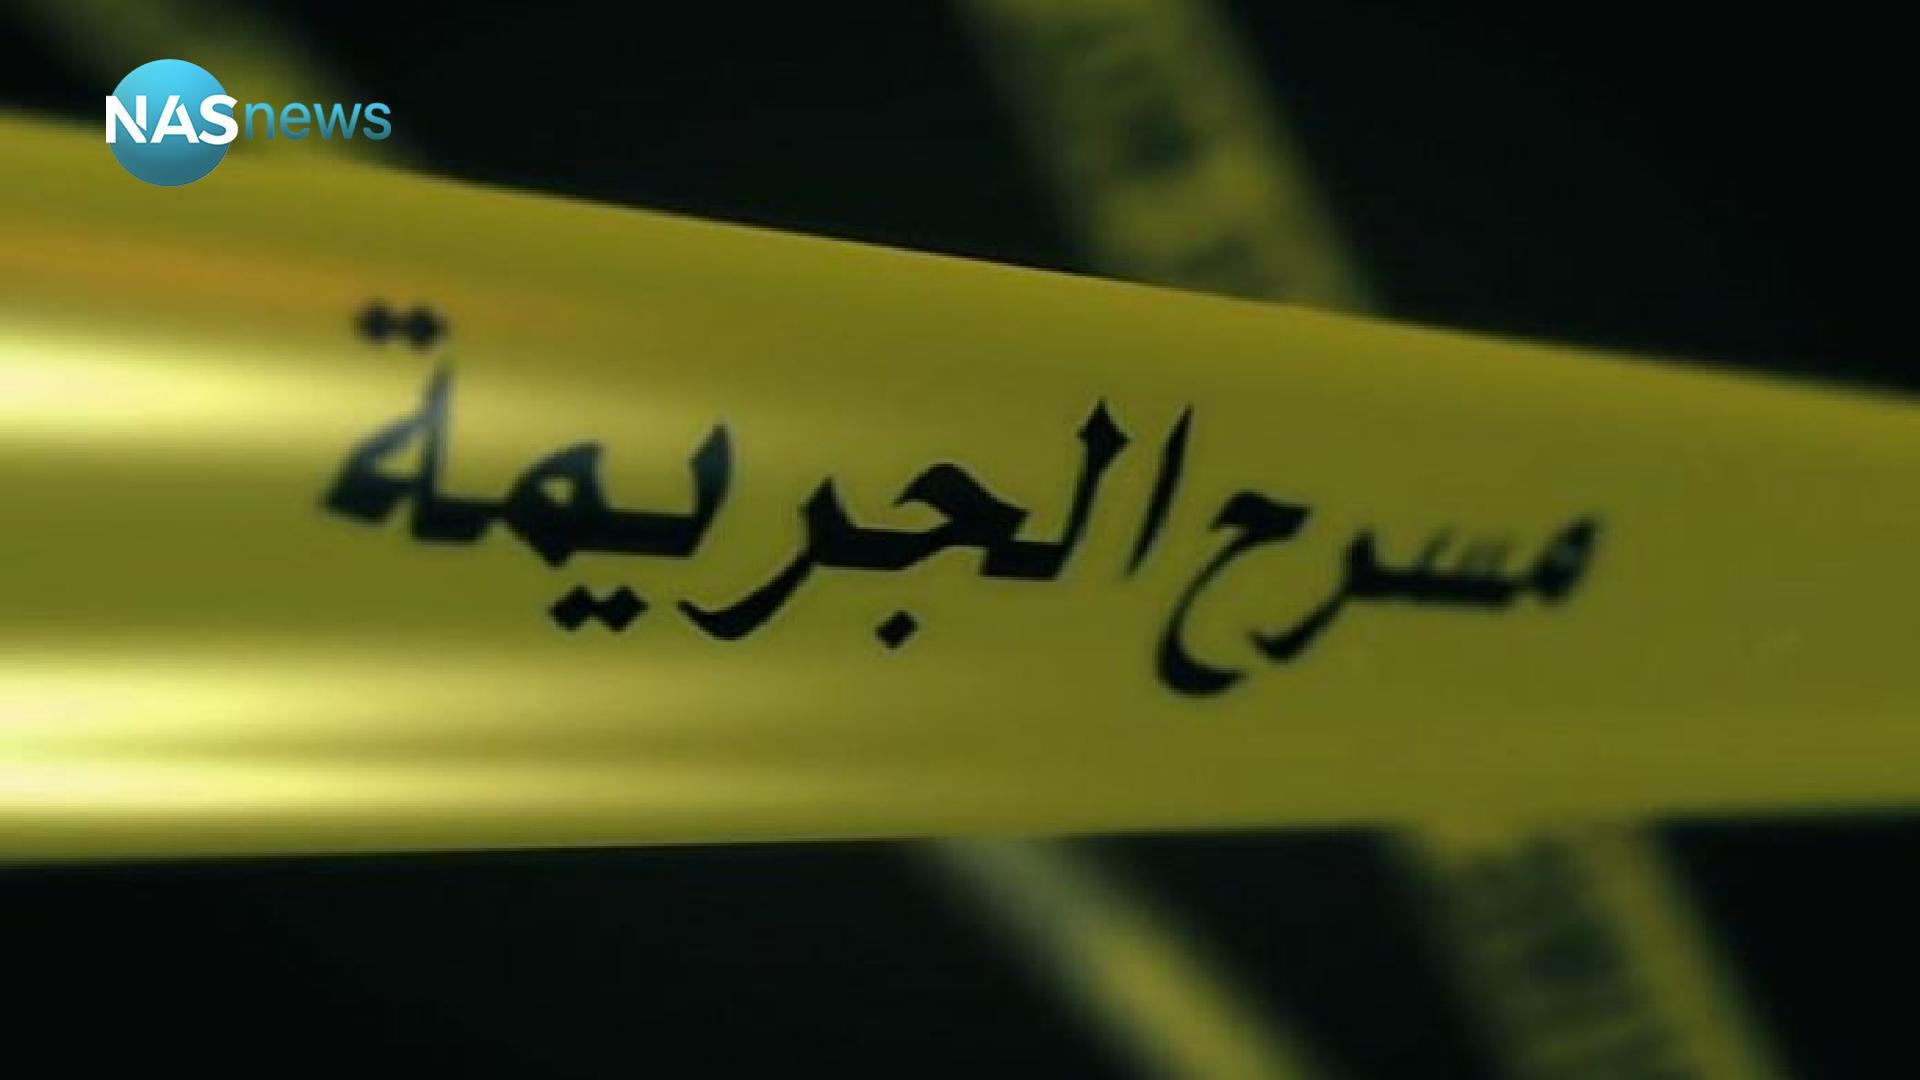 مشاجرة بين عمال سوريين في بغداد تنتهي بطعن أحدهم